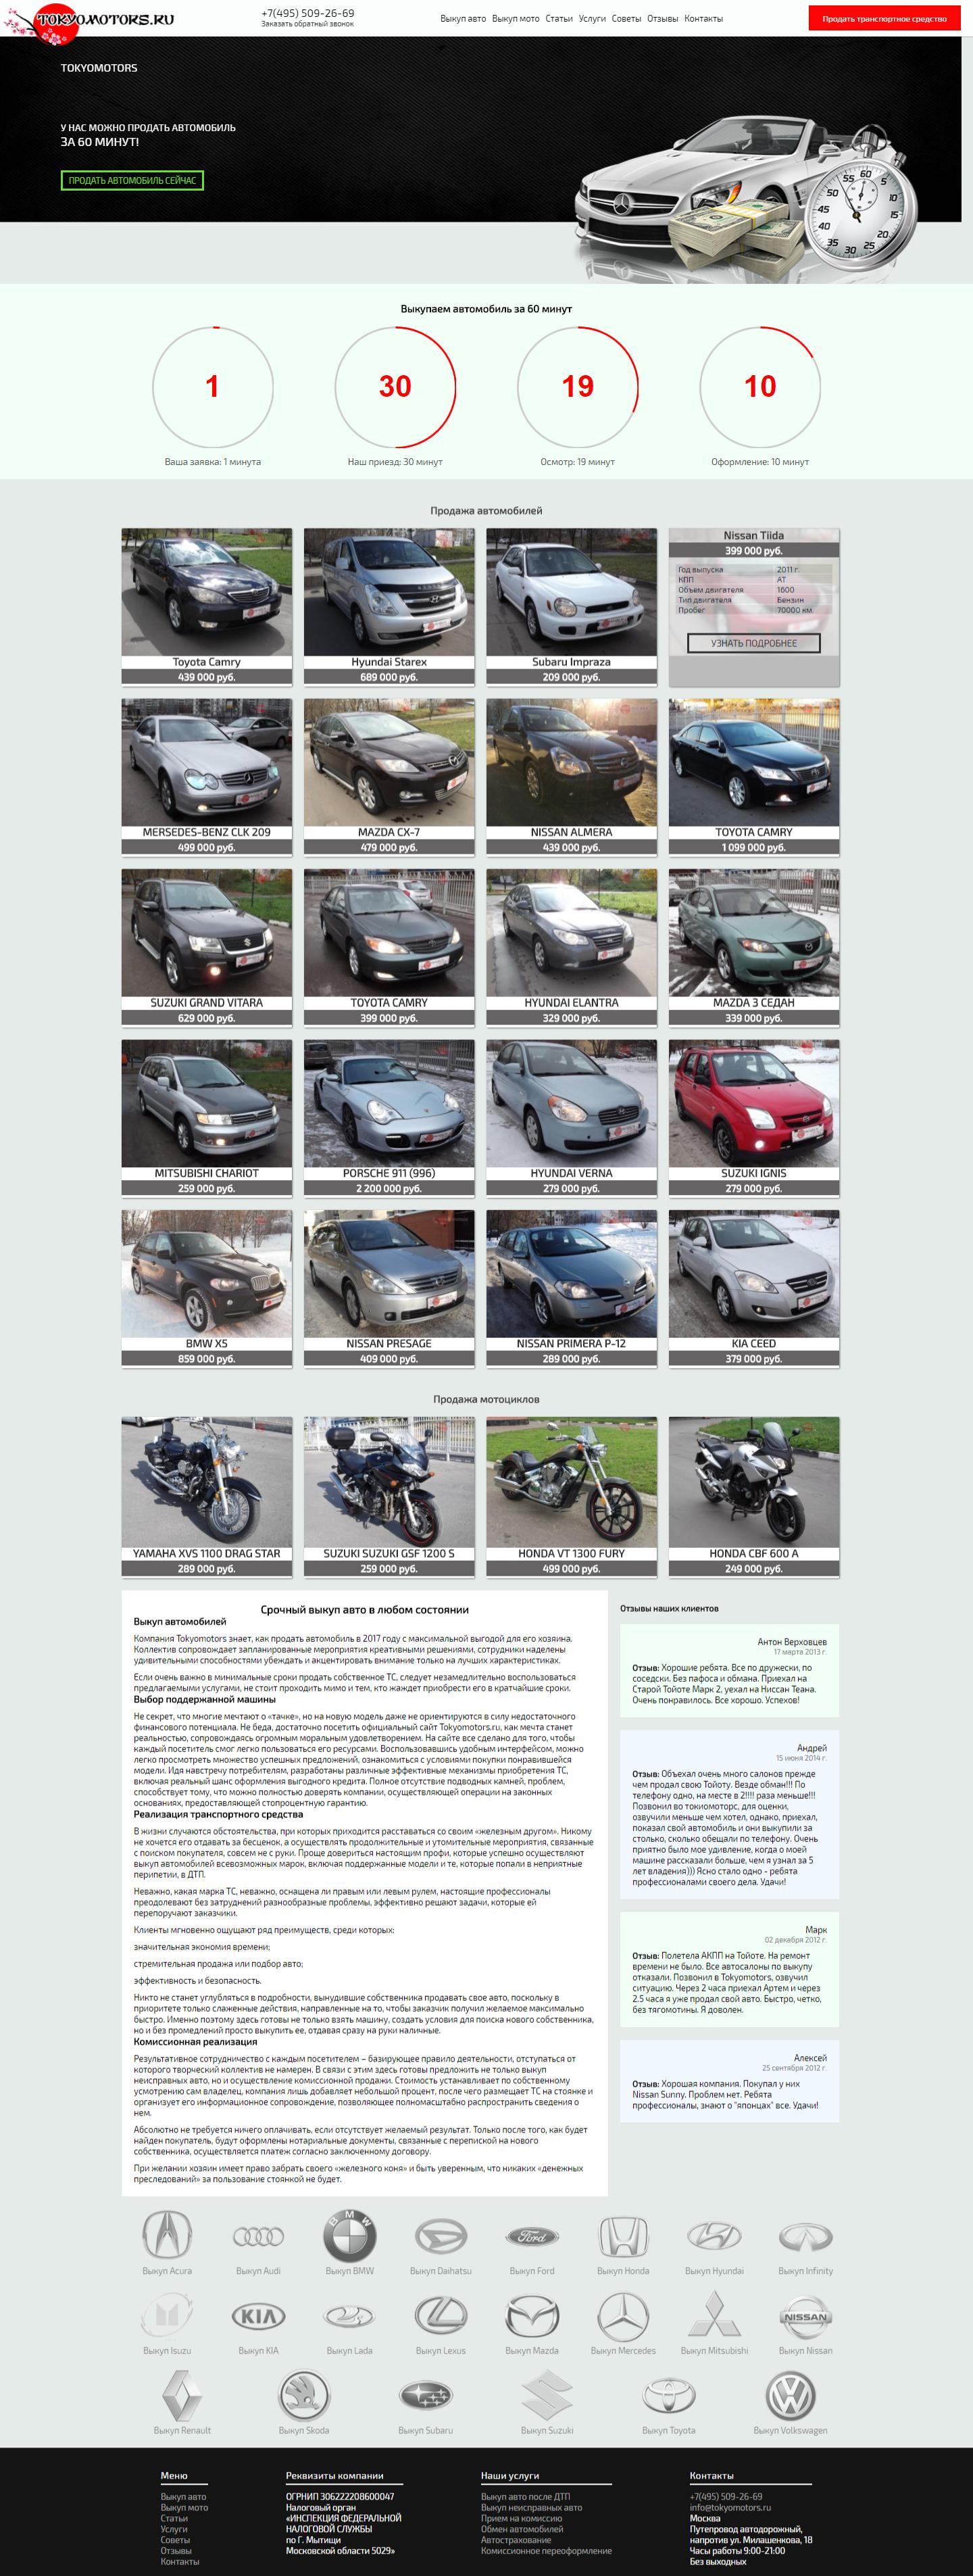 Сайт для автосалона Tokyomotors